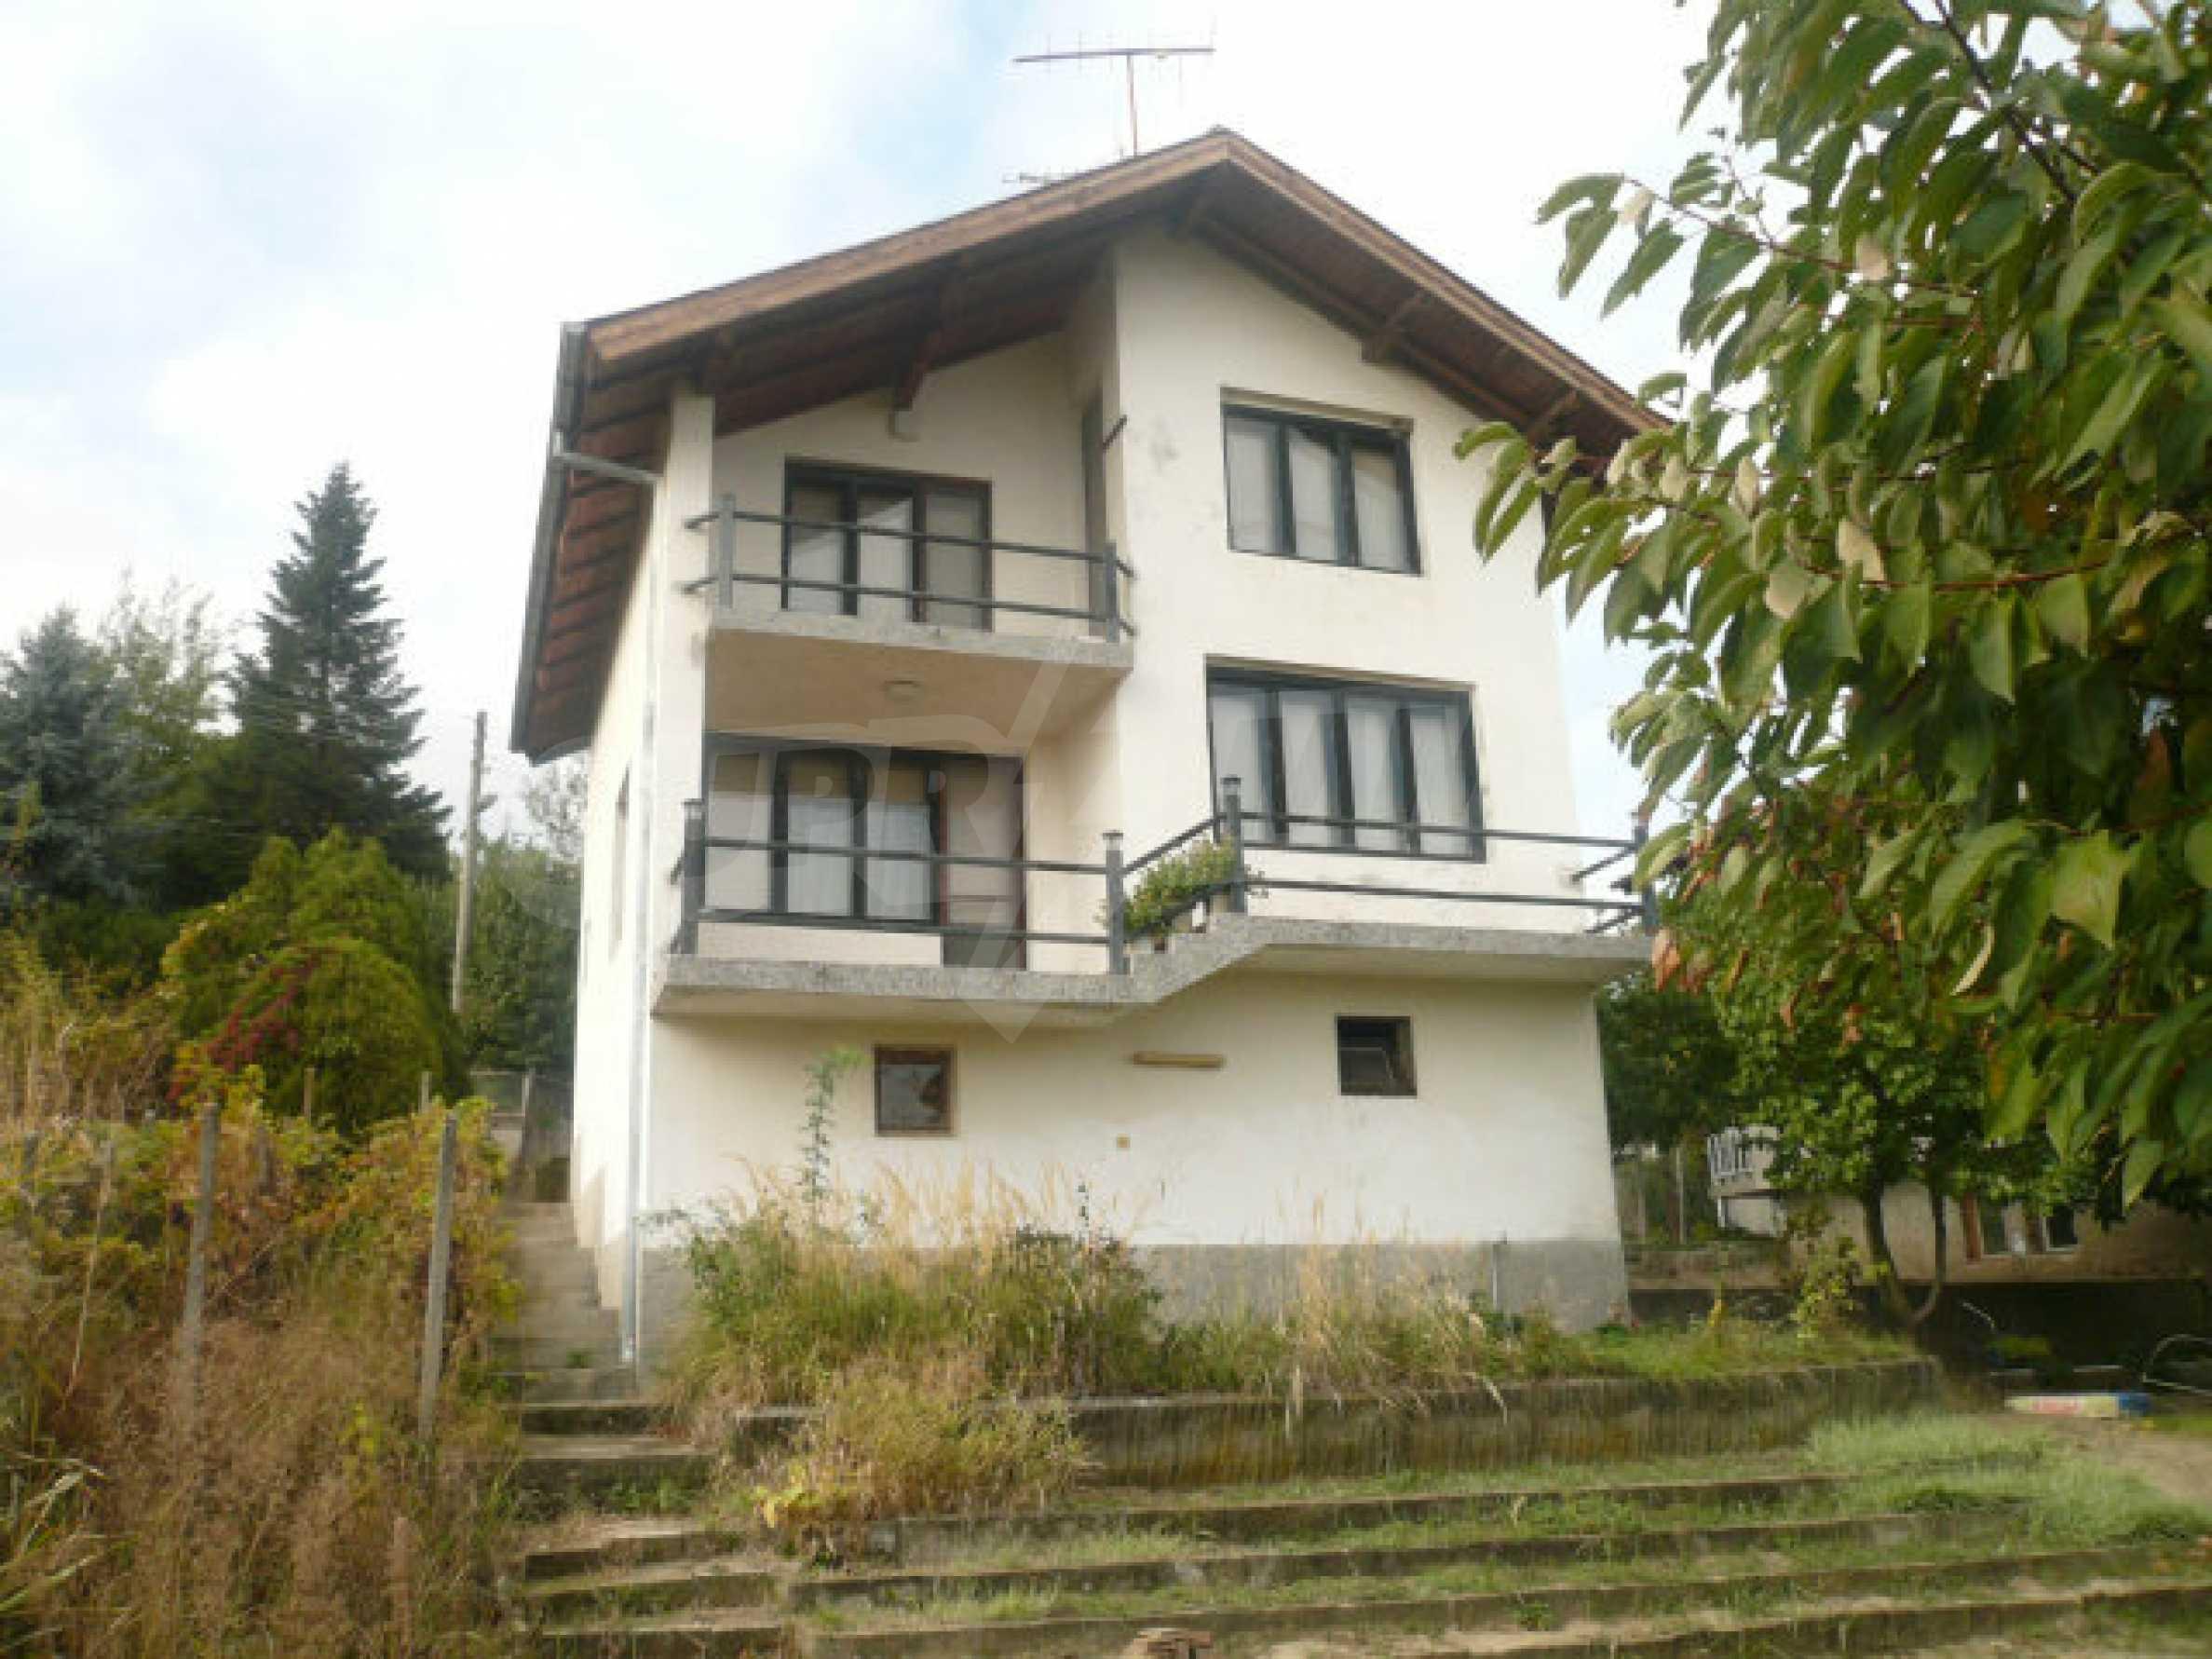 Dreistöckige Villa an der Küste von Donau 1